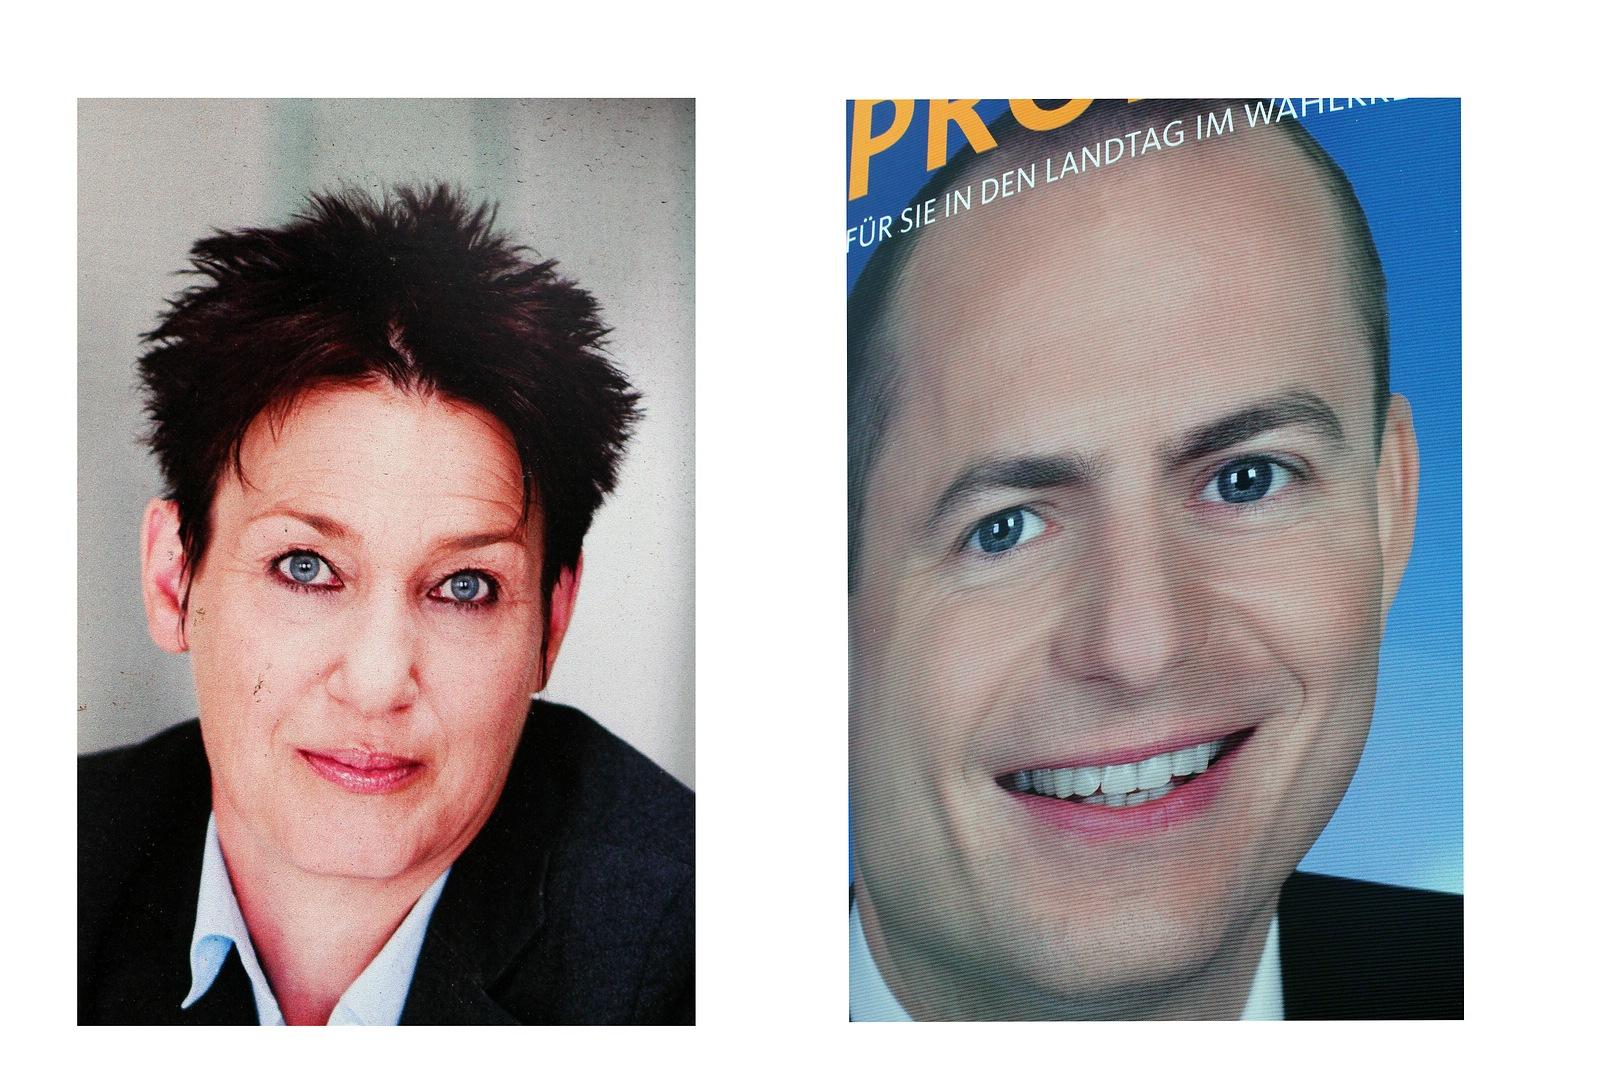 Gesichter im Wahlkampf